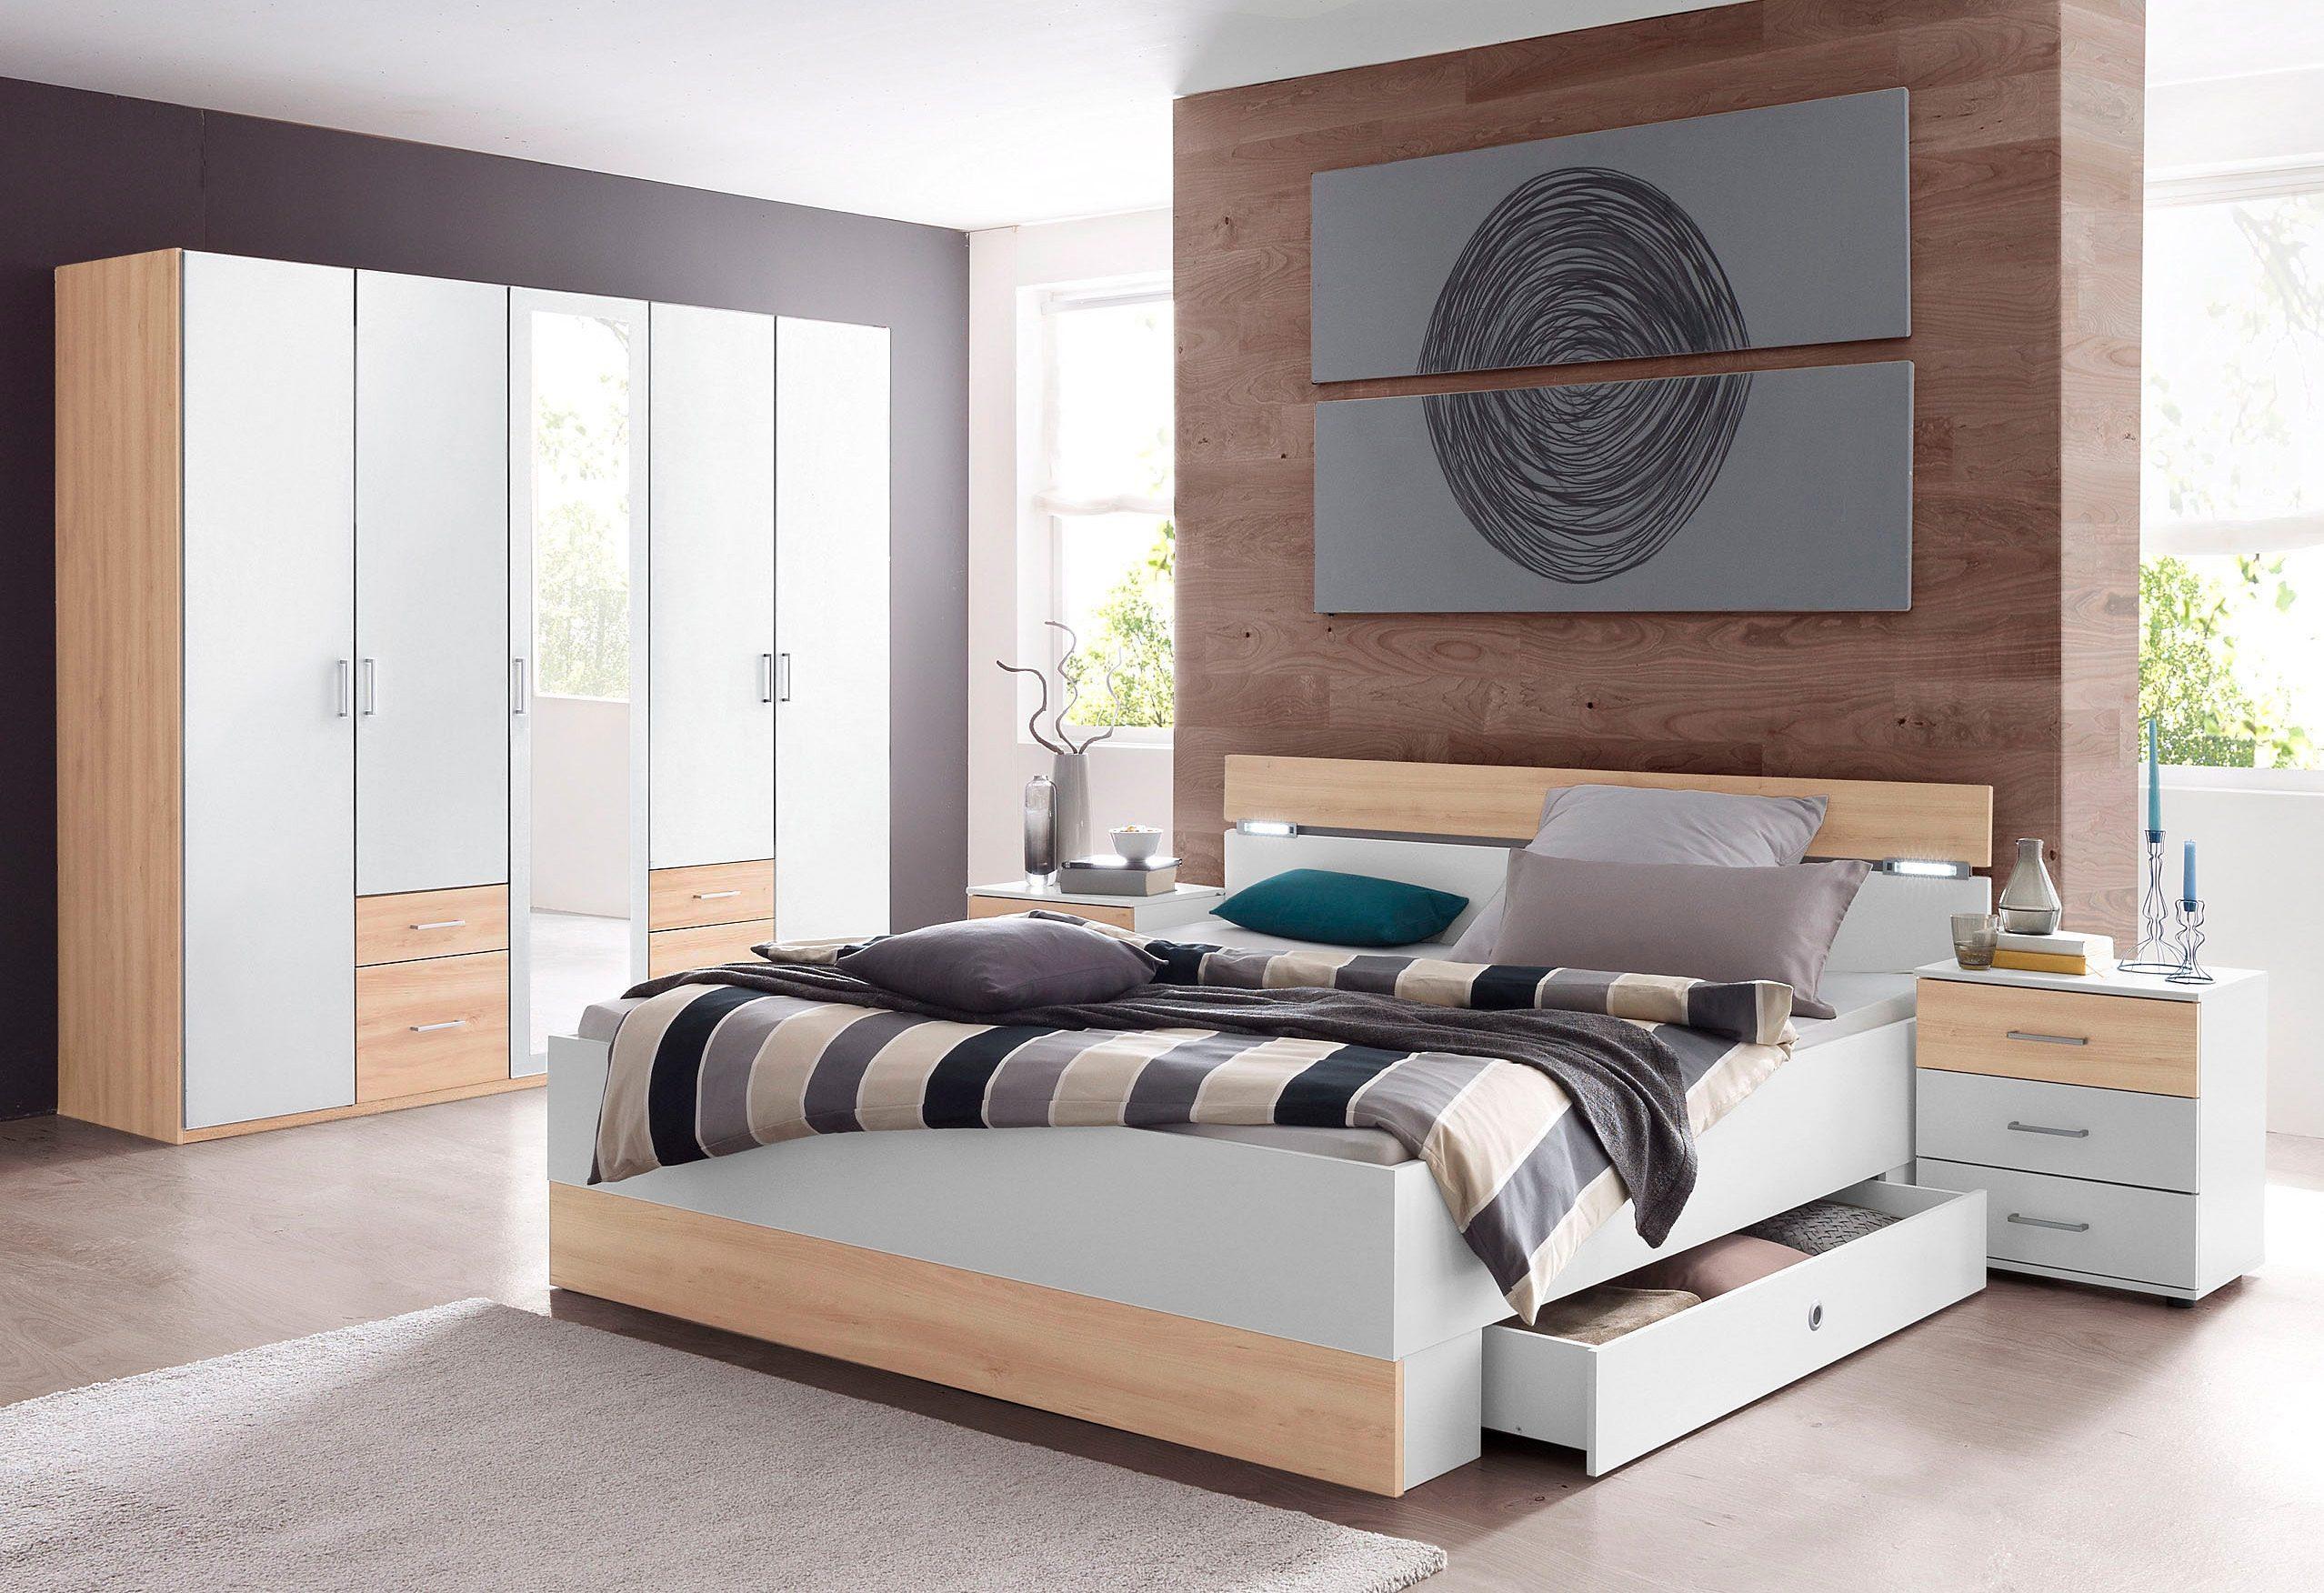 über 50% sparen - Schlafzimmer Möbel im Angebot | Seite 78 von 96 ...